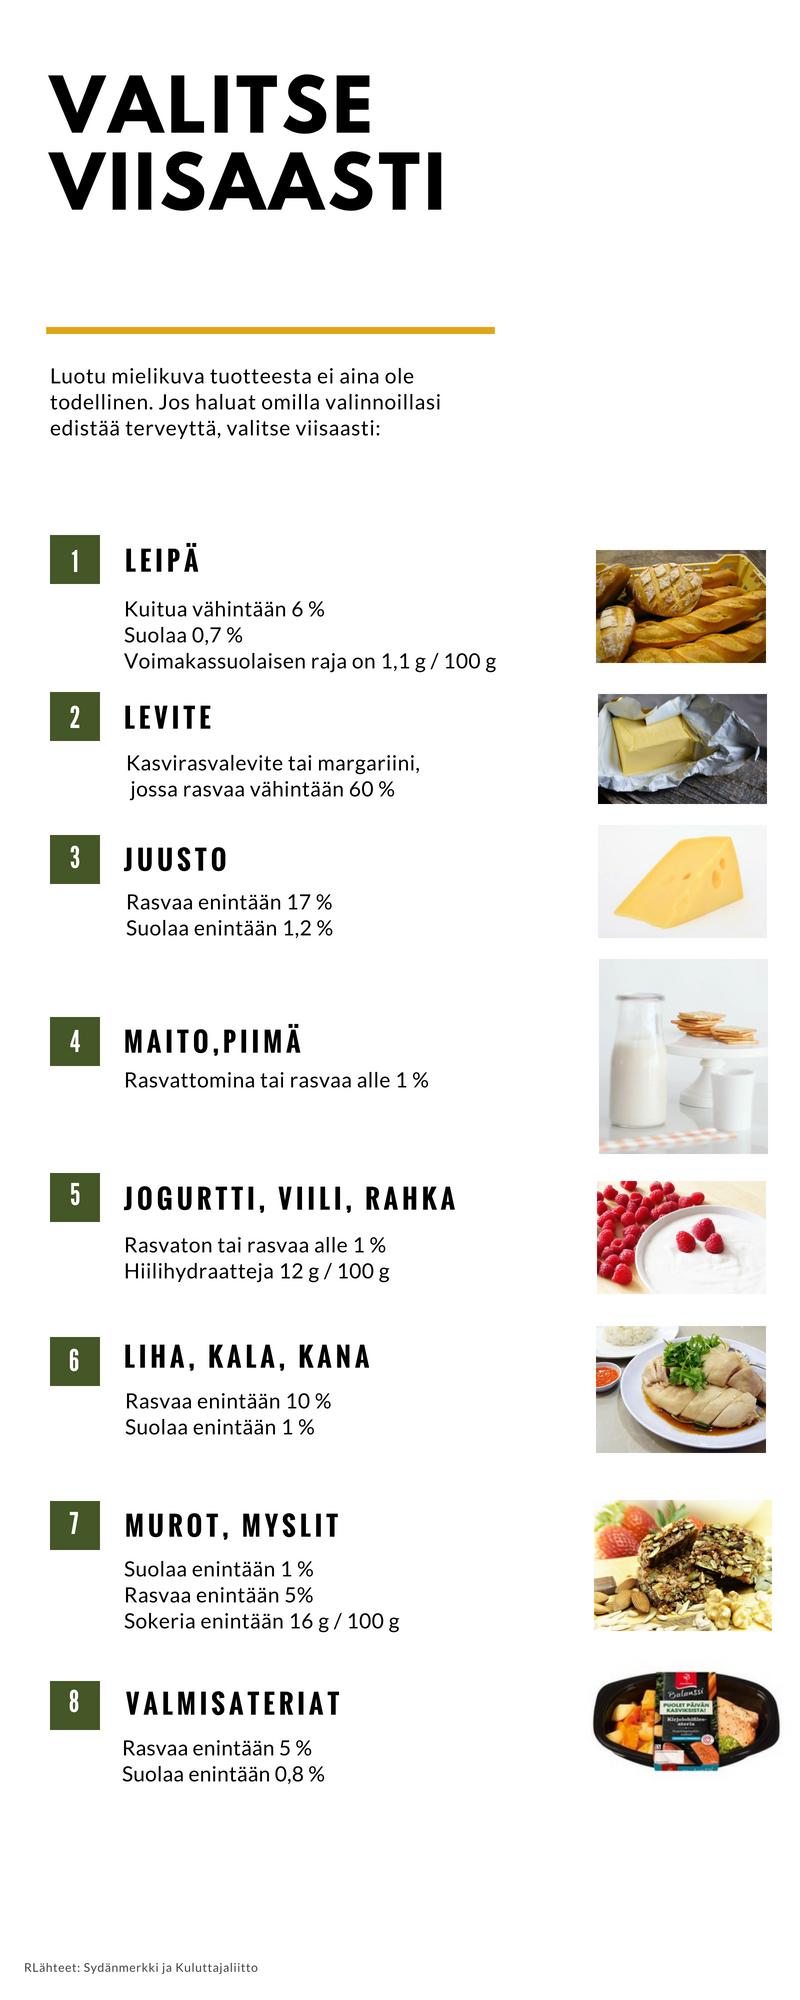 Suosituksia elintarvikkeiden valintaan